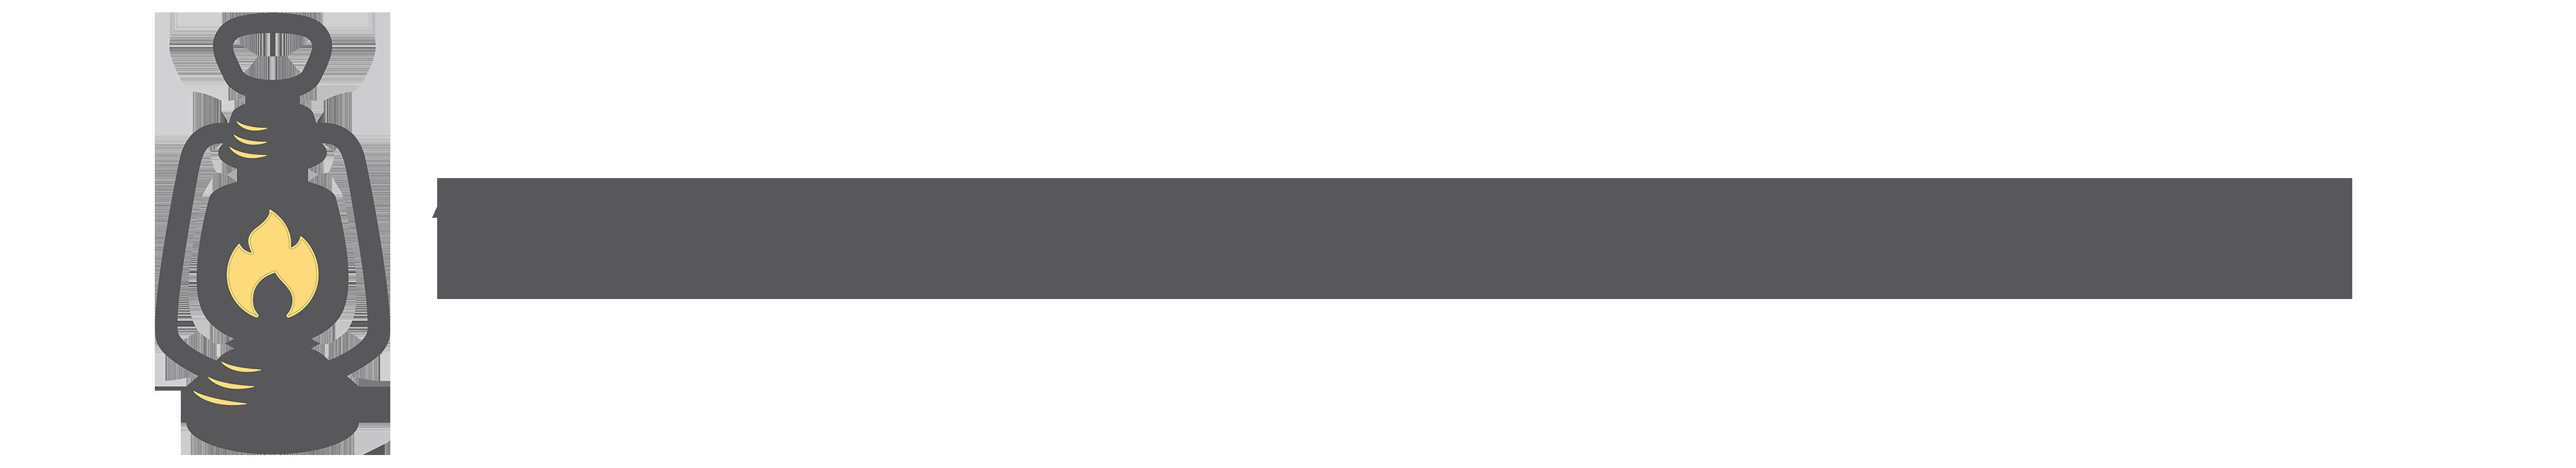 The Porch Church